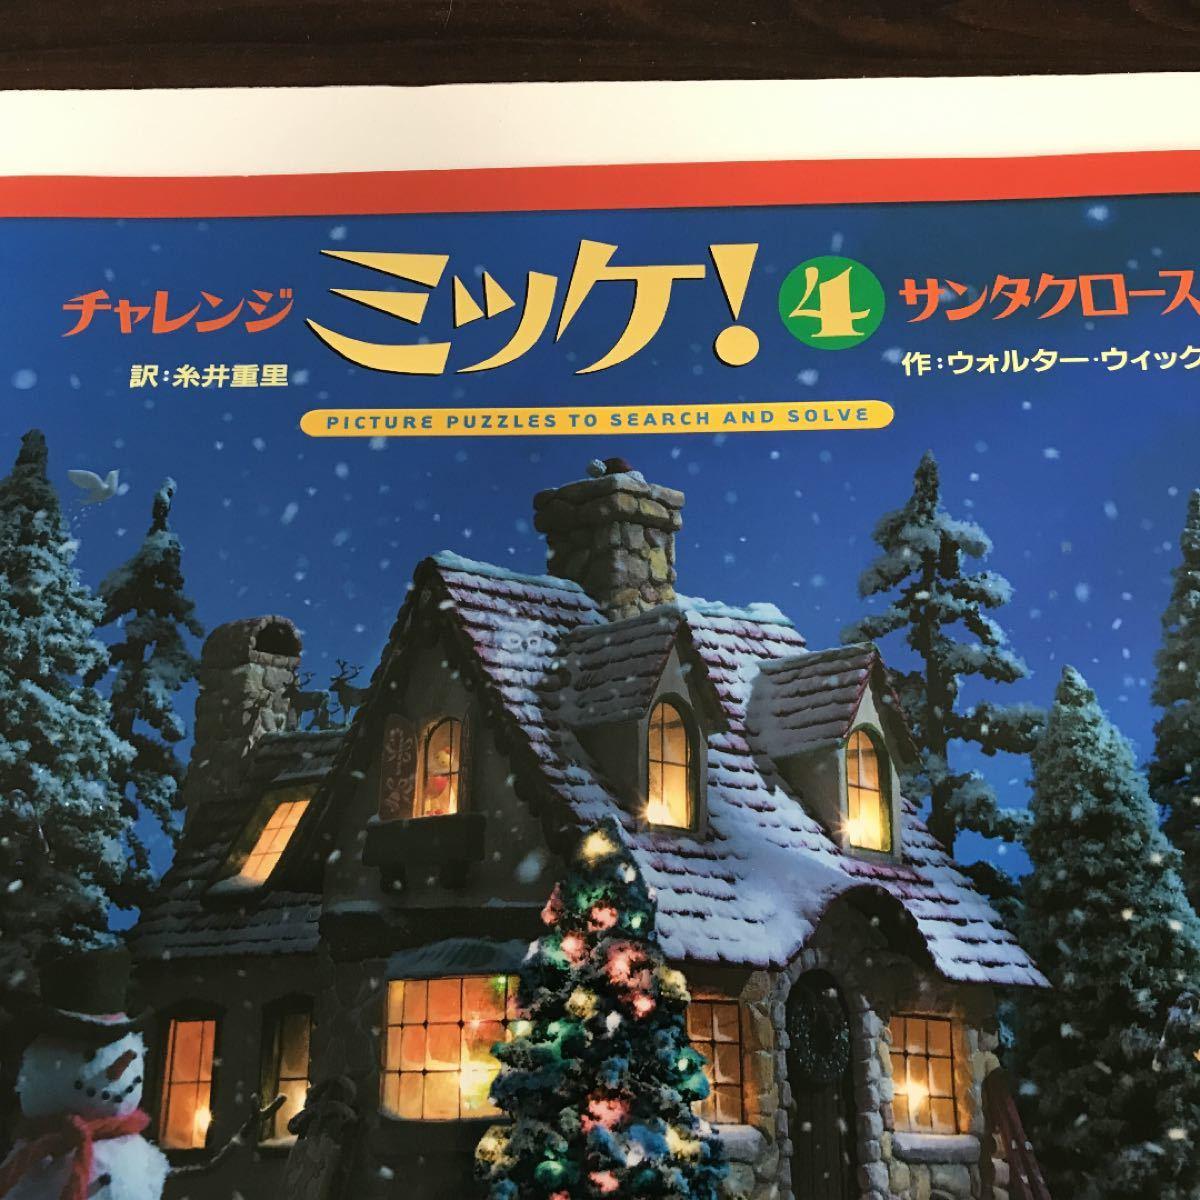 絵本 かくれんぼ絵本 チャレンジ ミッケ! 4 サンタクロース